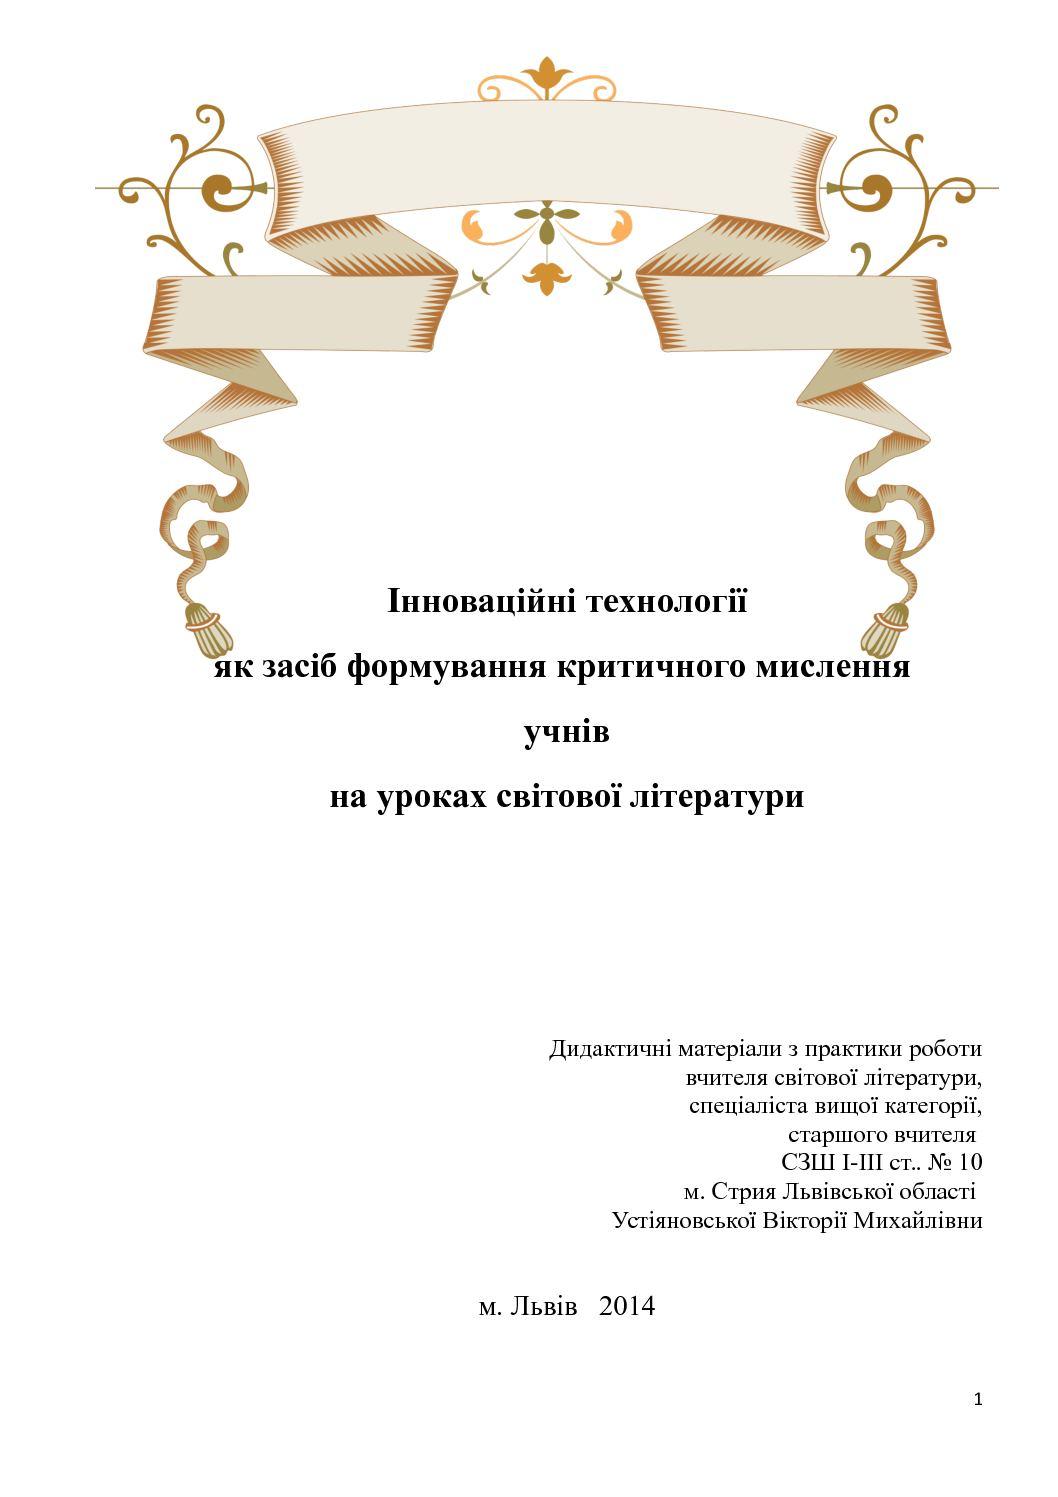 Calaméo - Інноваційні технології 590e601af1293